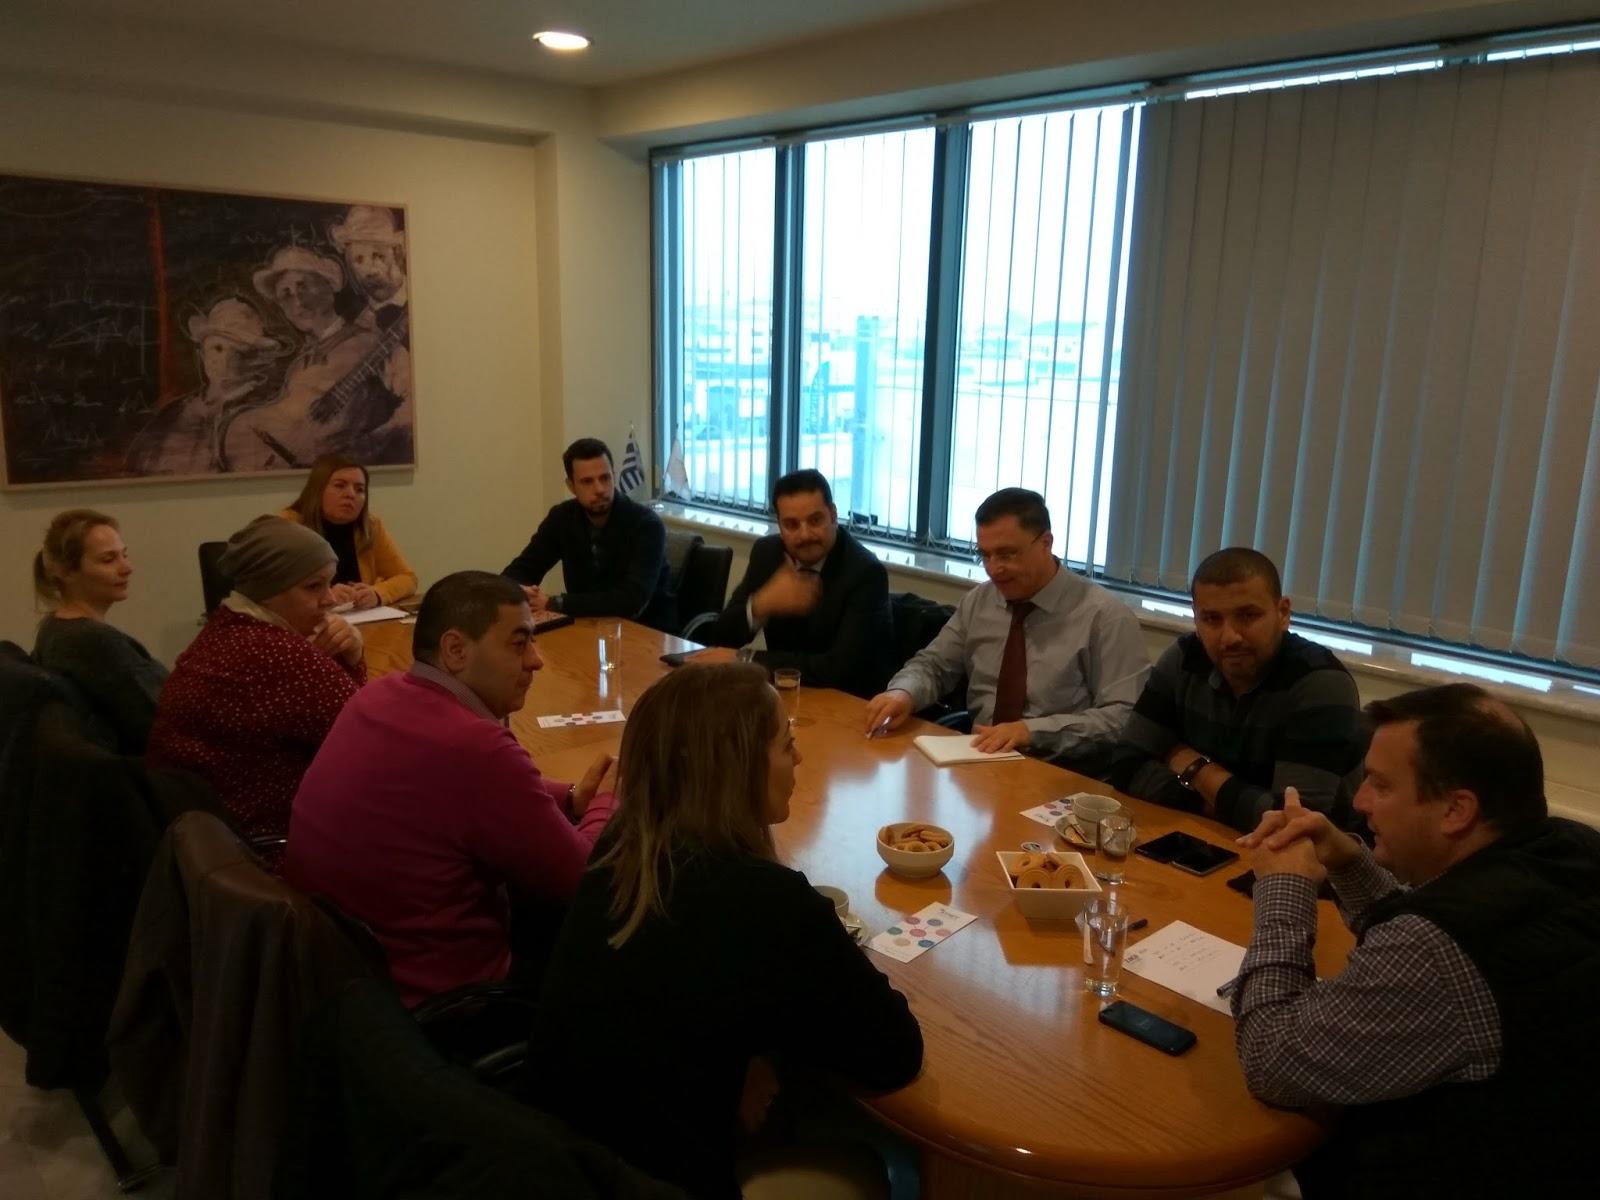 Συνάντηση του ΣΘΕΒ με εκπροσώπους Πανεπιστημίων από την Τυνησία